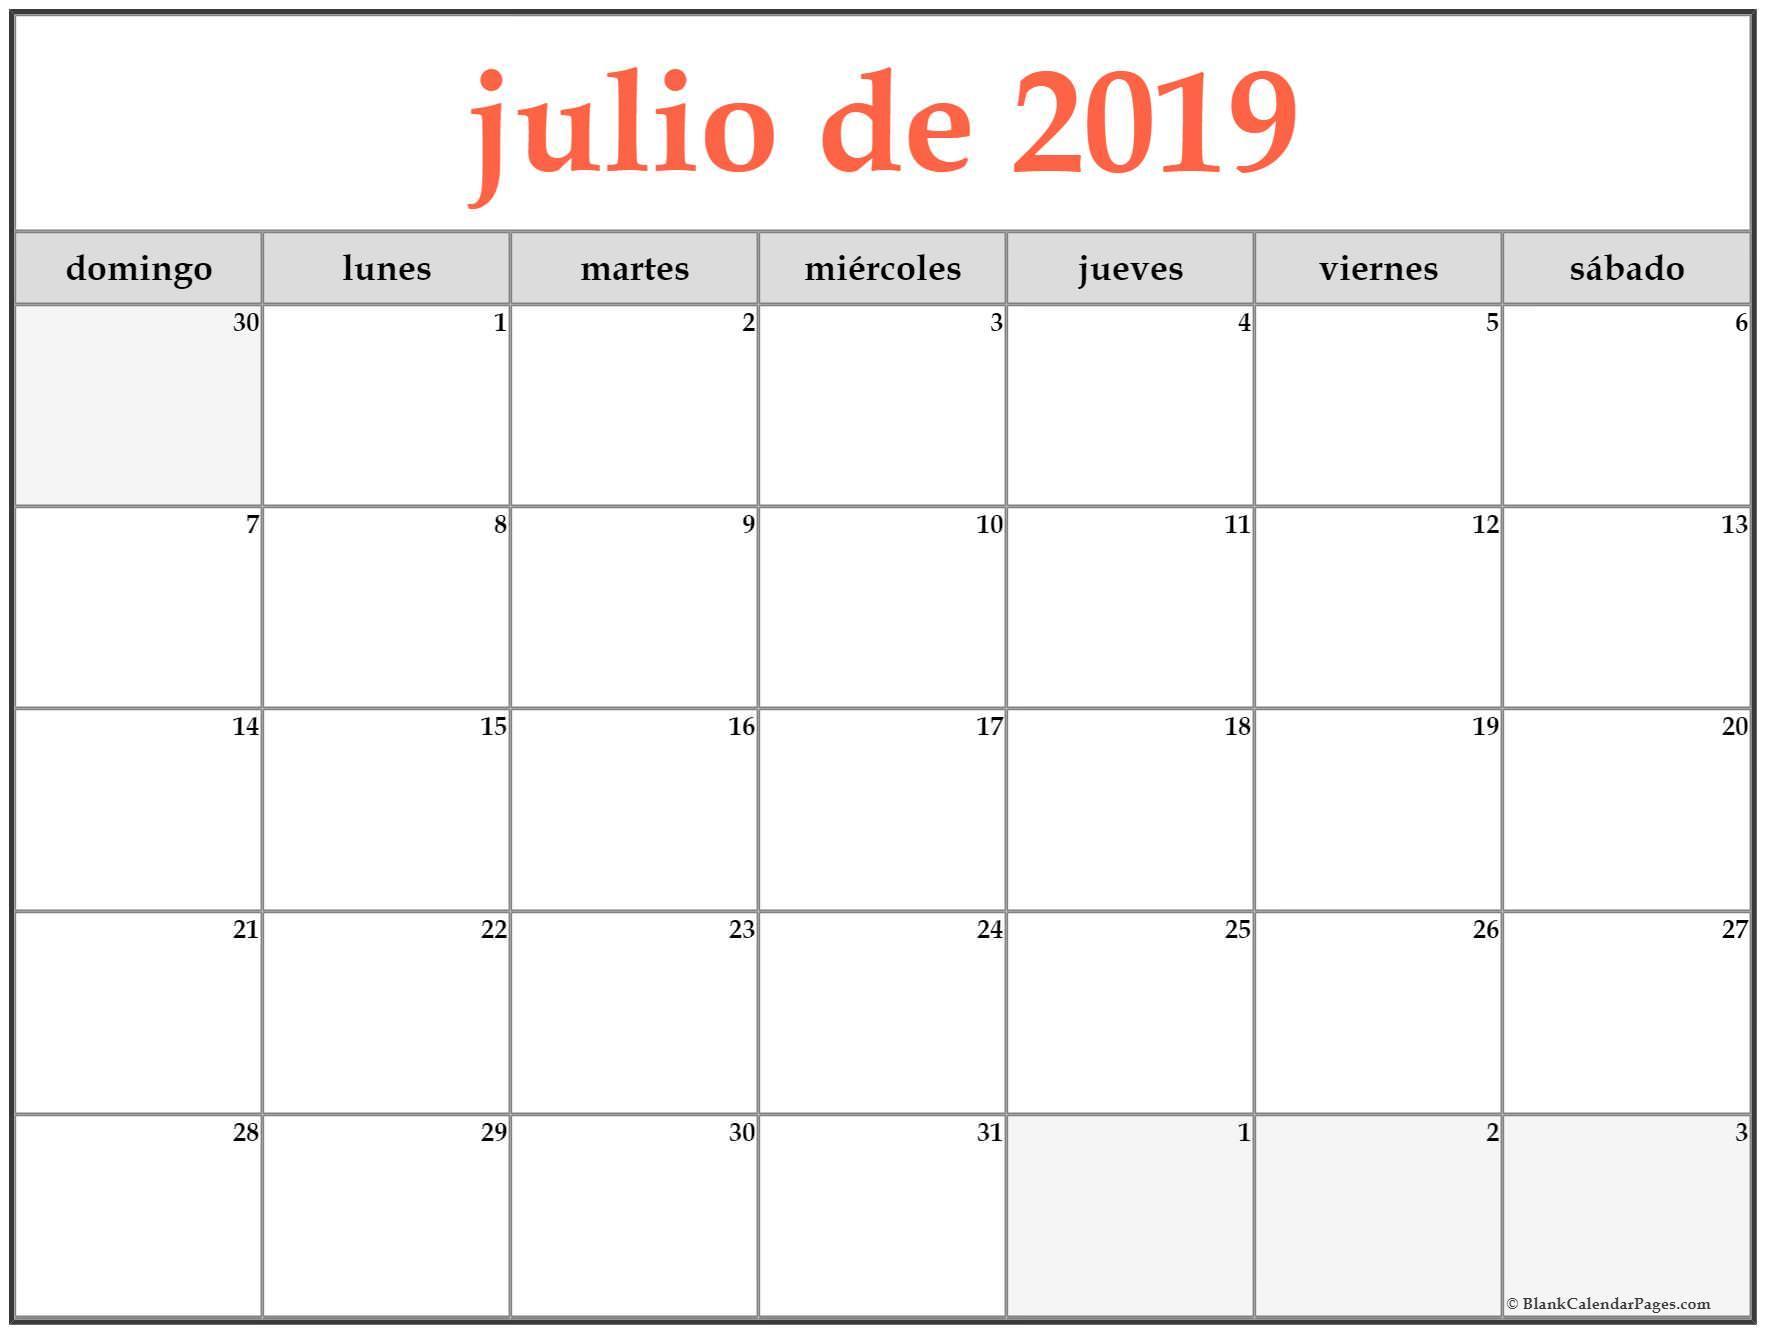 Calendario Lunar Julio 2019 Nicaragua throughout Lunar Calendar Puerto Rico